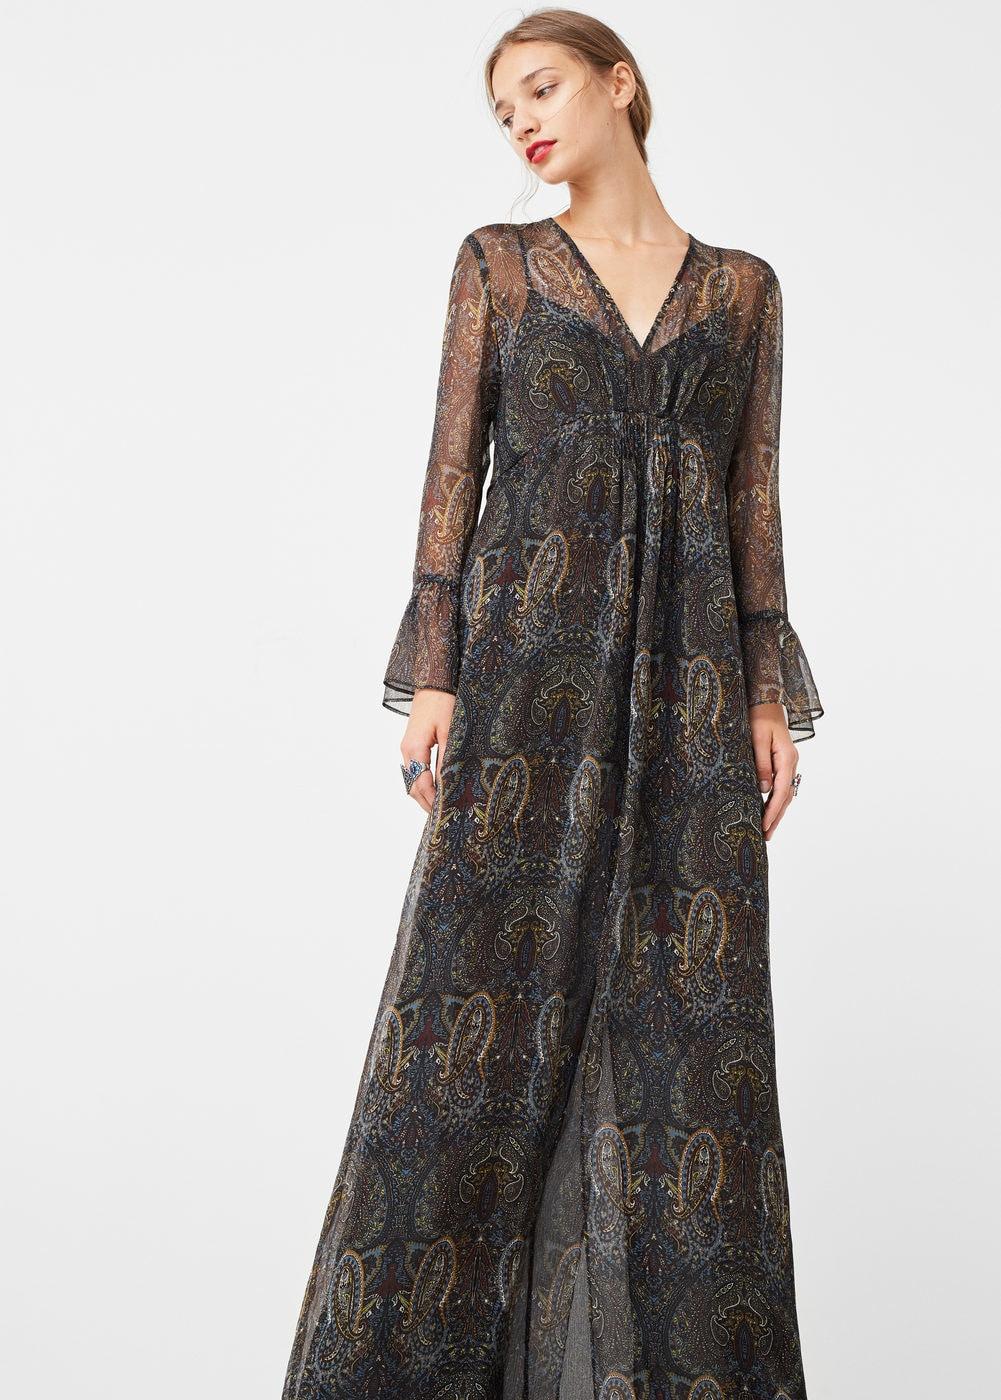 Vestidos bohemios de flores que sí deberás comprar en las rebajas - vestido flores largo